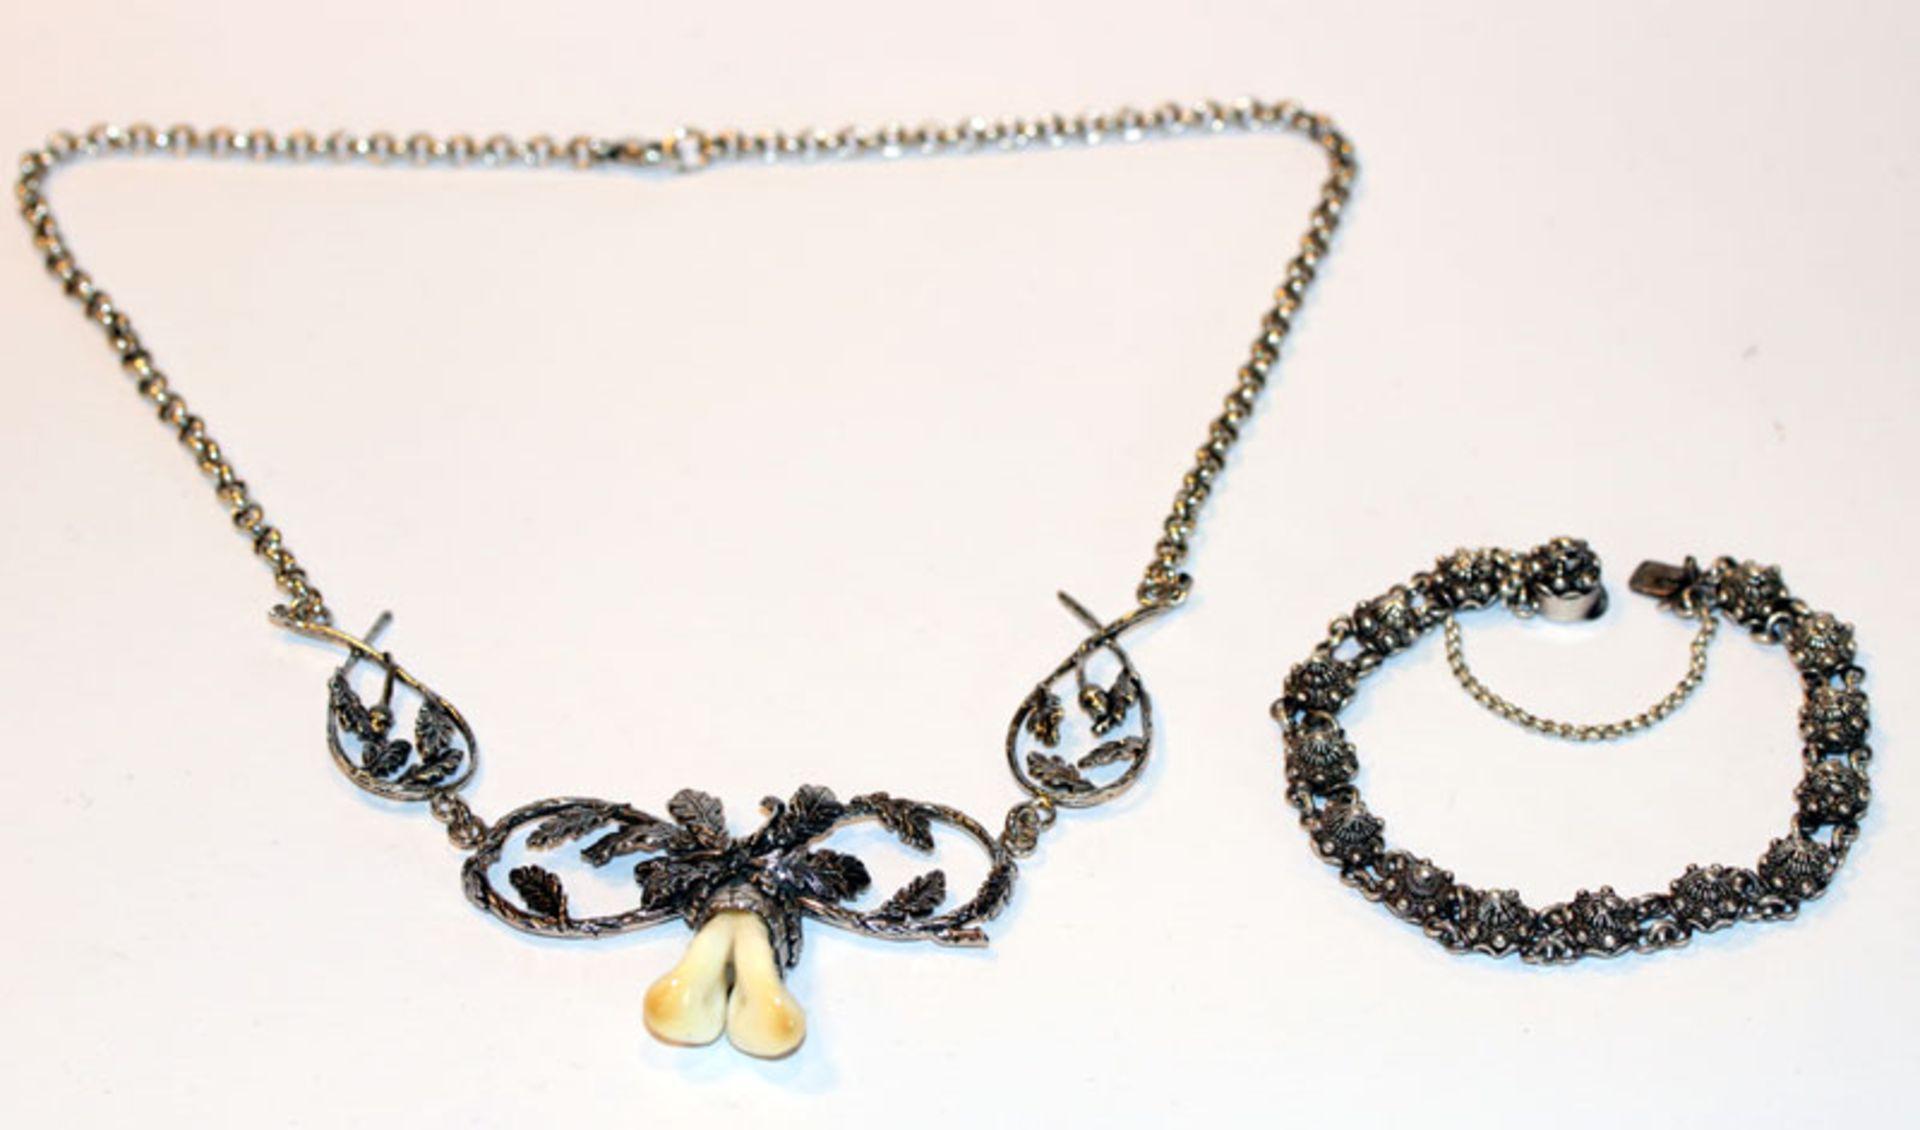 Silber Collierkette mit Grandelpaar, L 46 cm, und Armband, L 16 cm